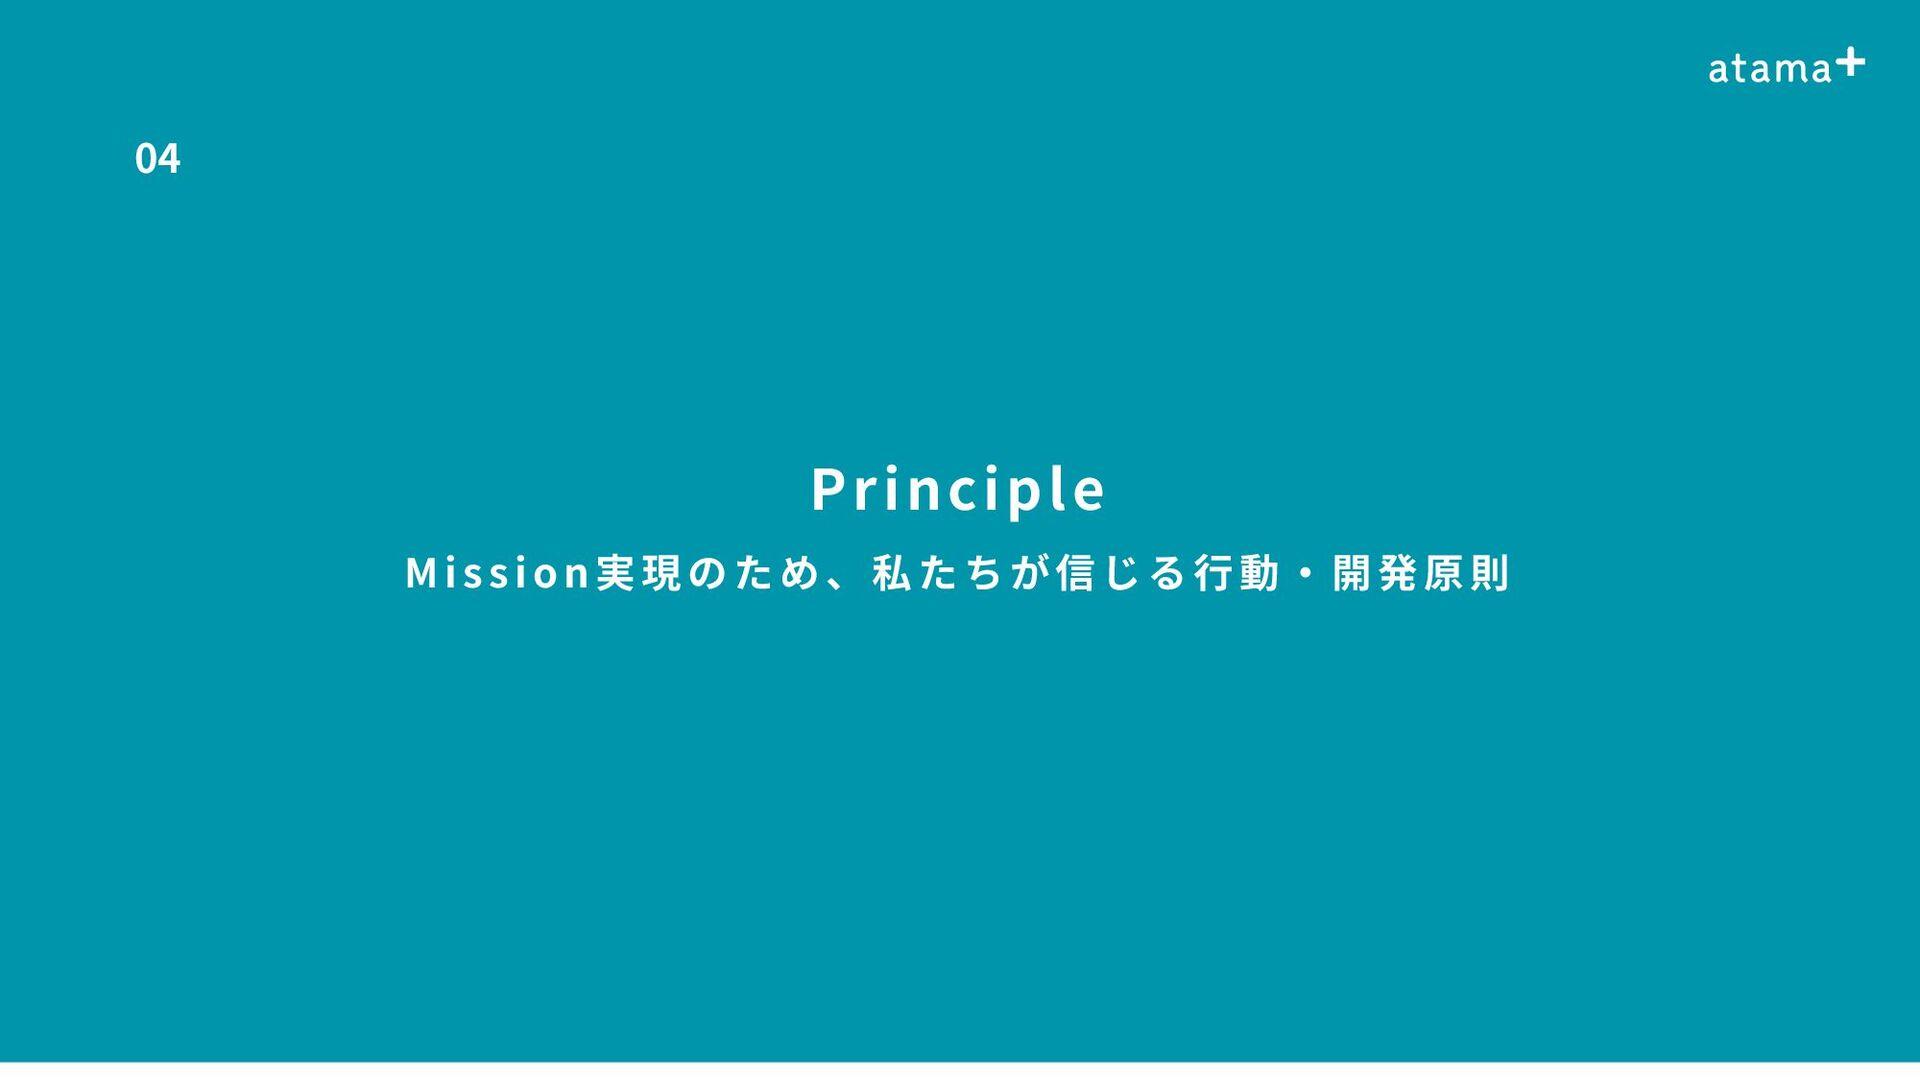 第1回「駿台atama+共通テスト模試」申込数4万人を突破。 2020年7月に実施した駿台at...